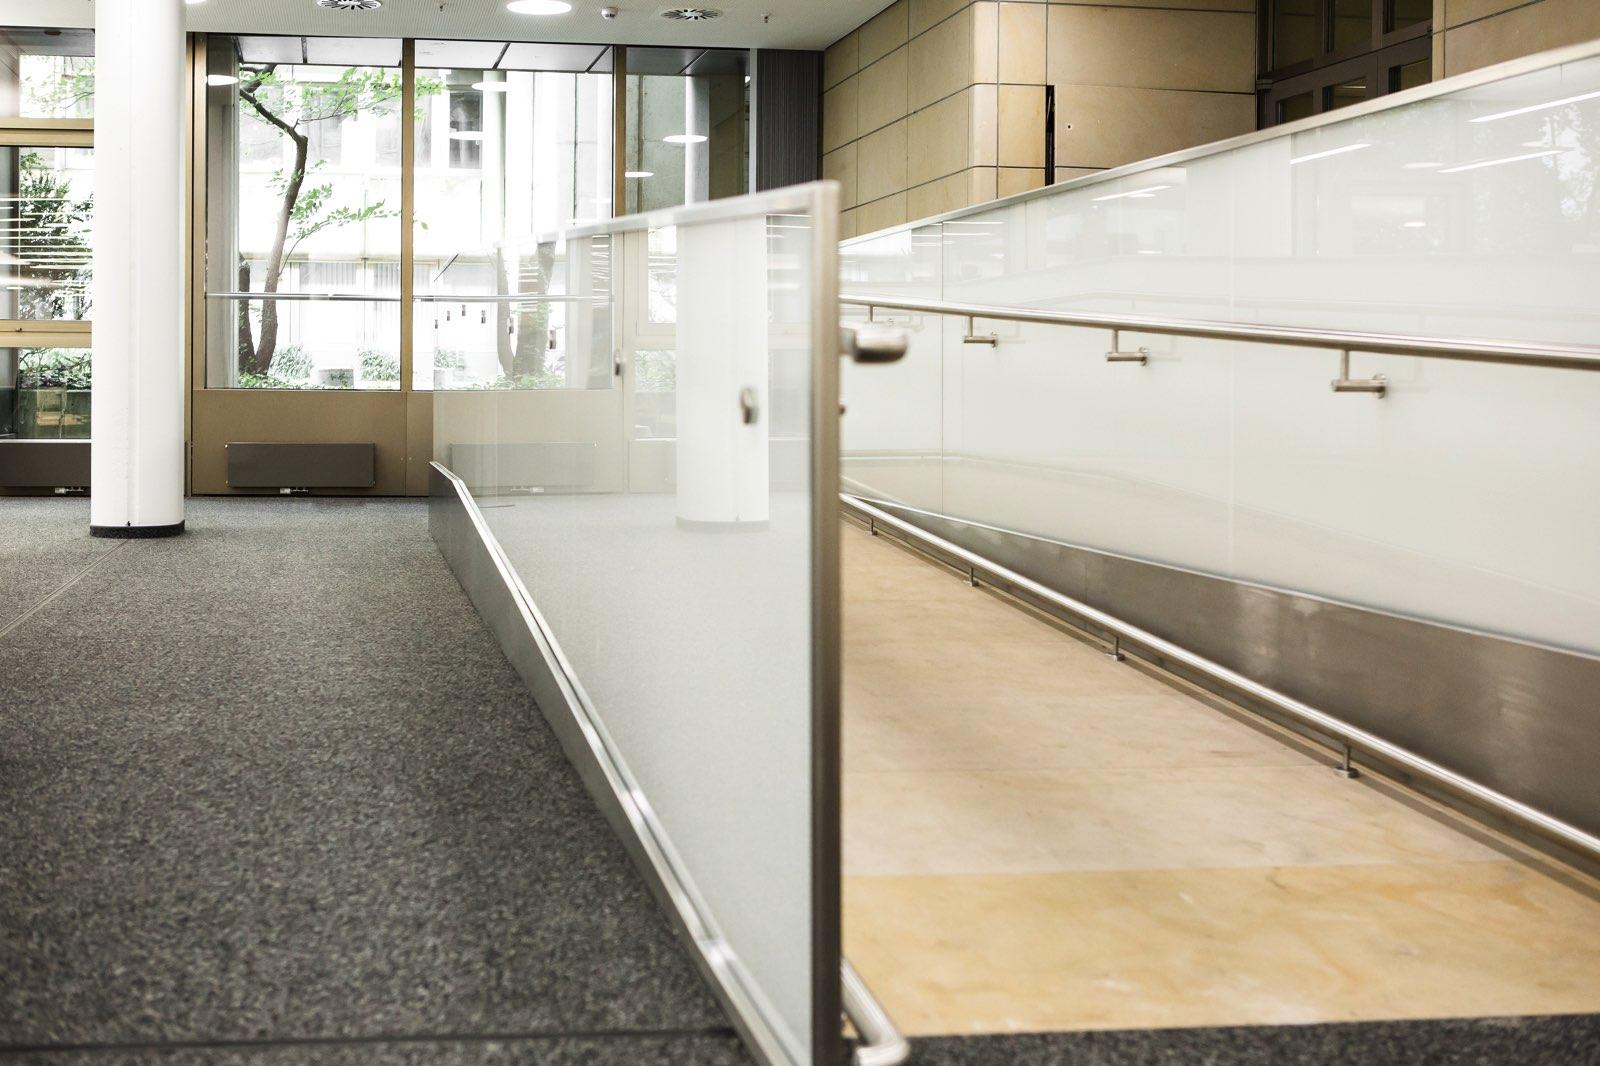 architekten bielefeld komplexe harmonie with architekten. Black Bedroom Furniture Sets. Home Design Ideas